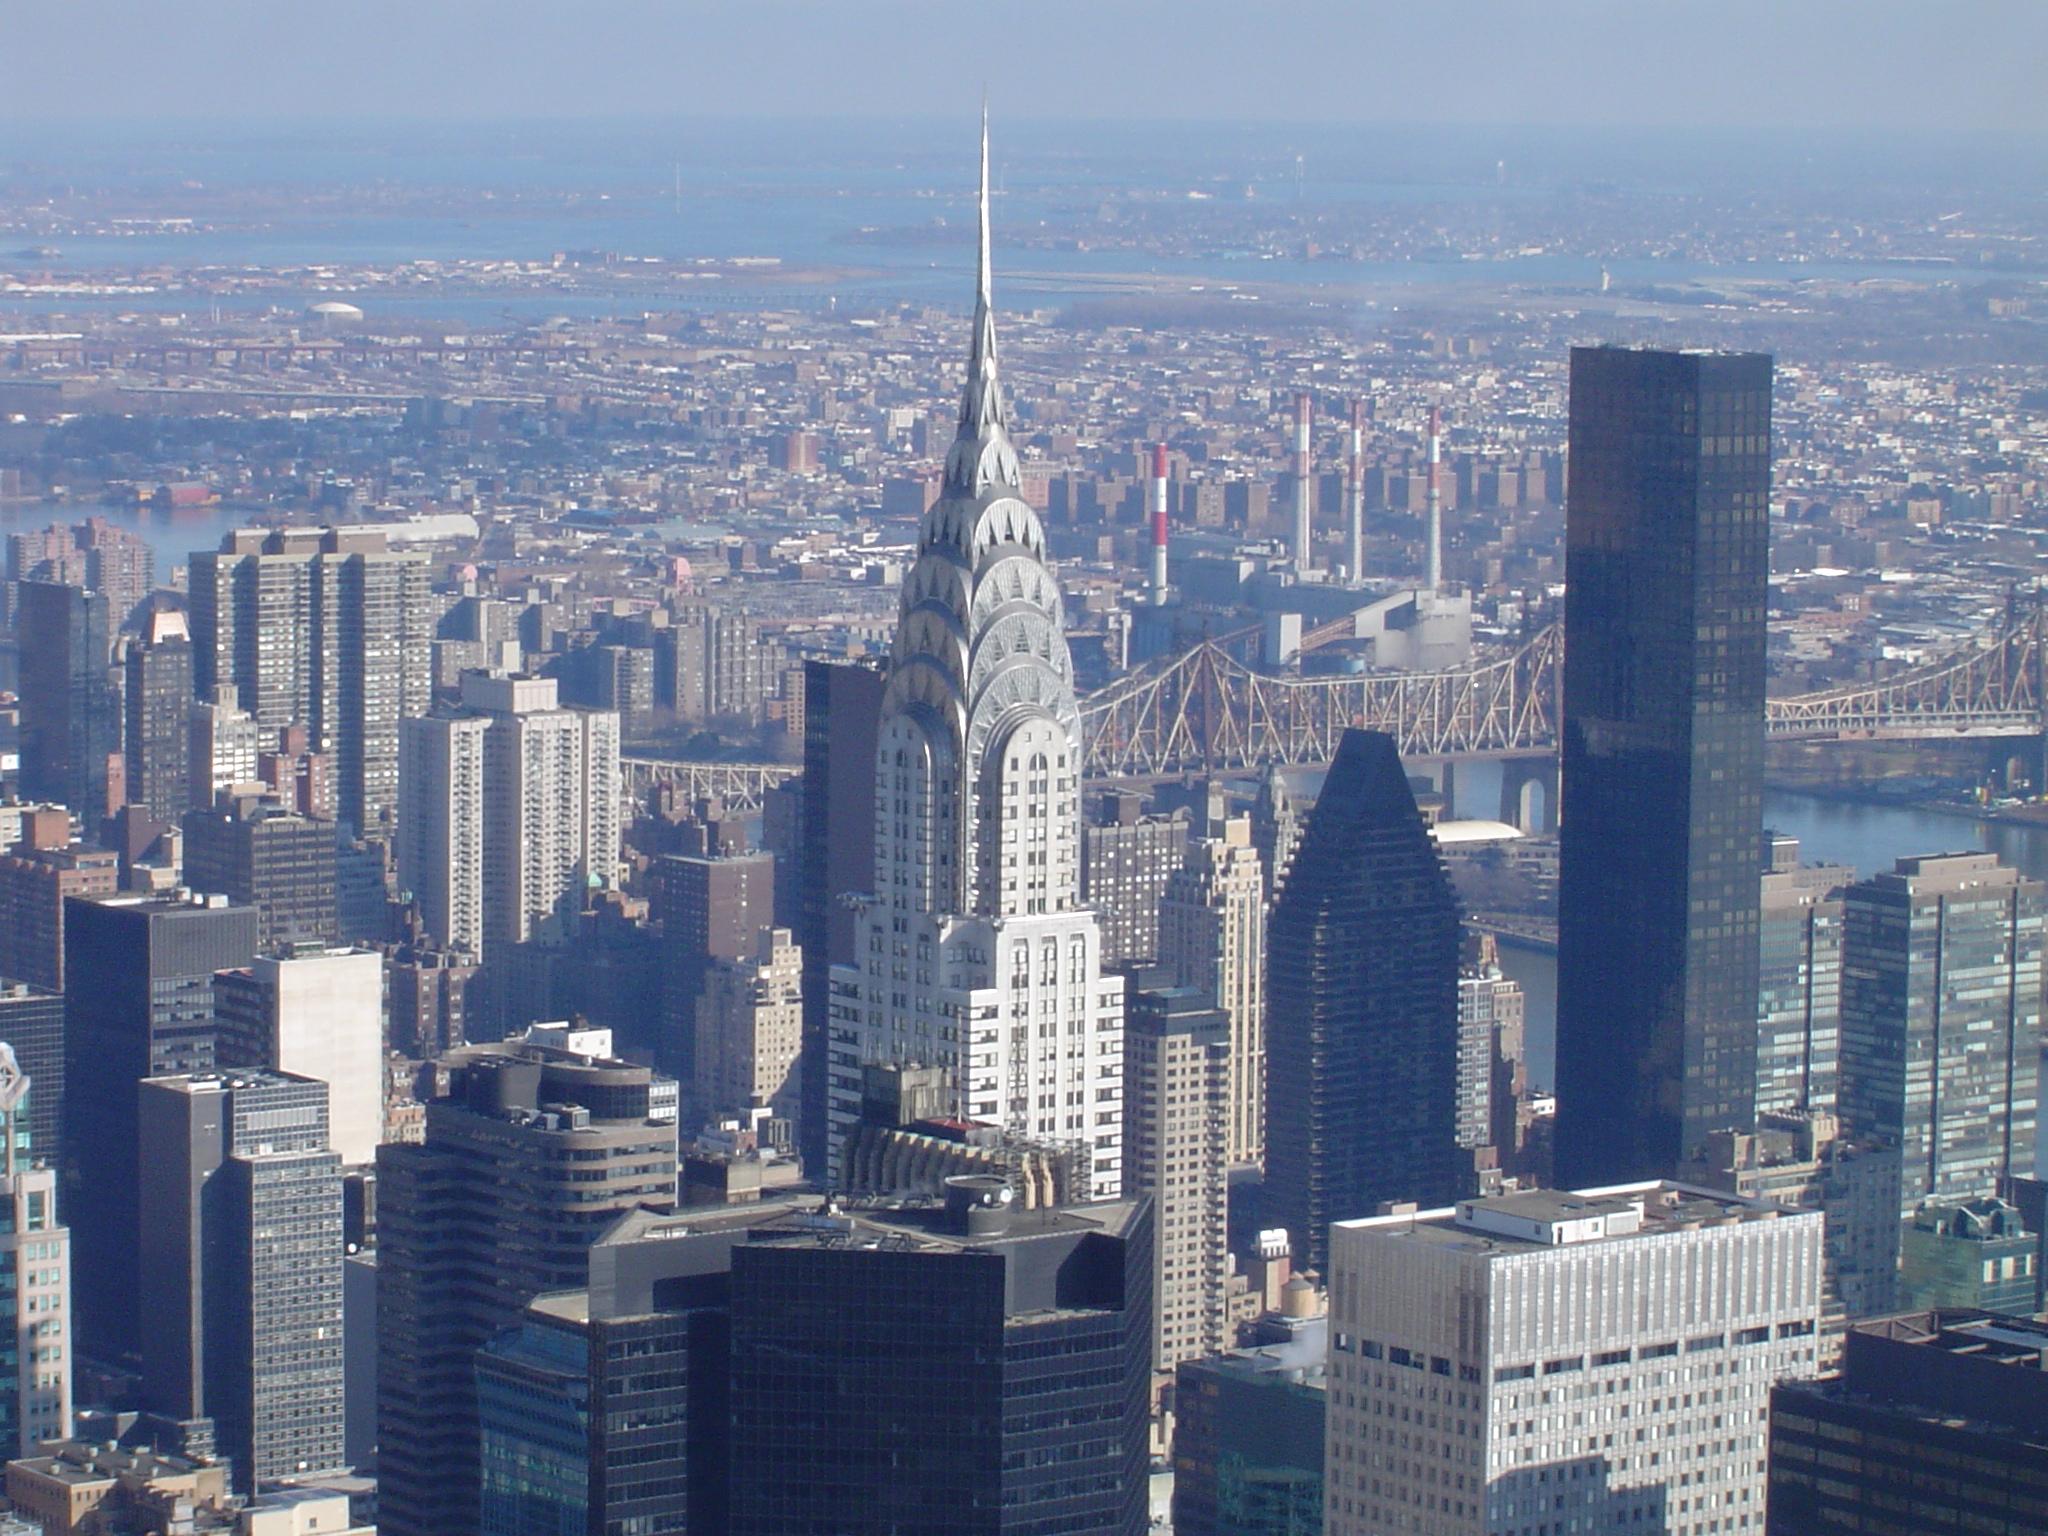 Chrysler_Building_from_ESB